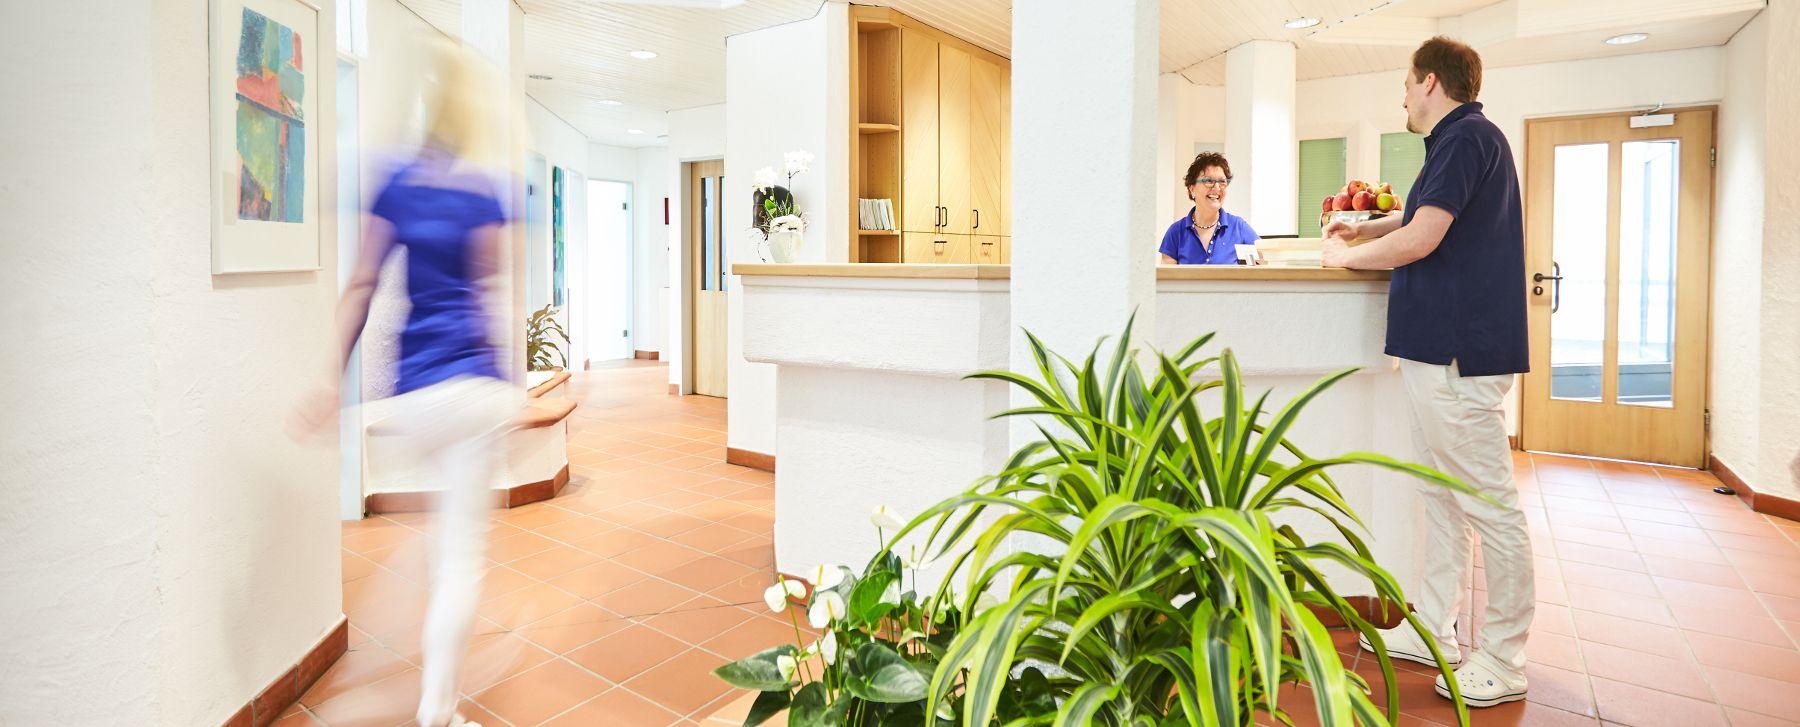 Zahnarzt Dr. Schraivogel - Liebe Patientin, lieber Patient, 3